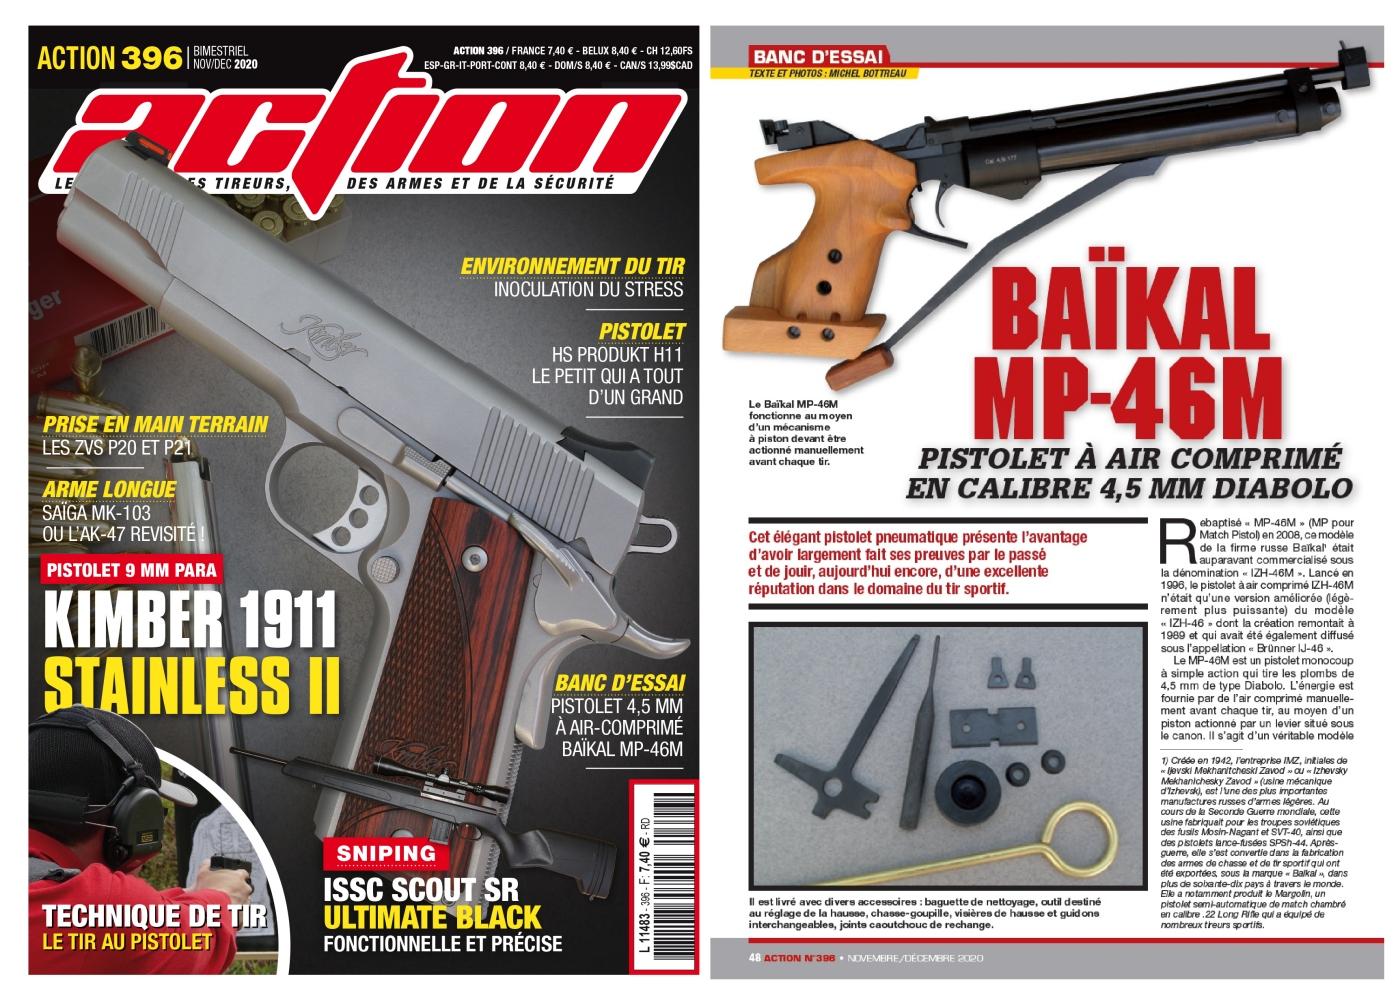 Le banc d'essai du pistolet à air comprimé Baïkal MP-46M a été publié sur 6 pages dans le magazine Action n°396 (novembre/décembre 2020).